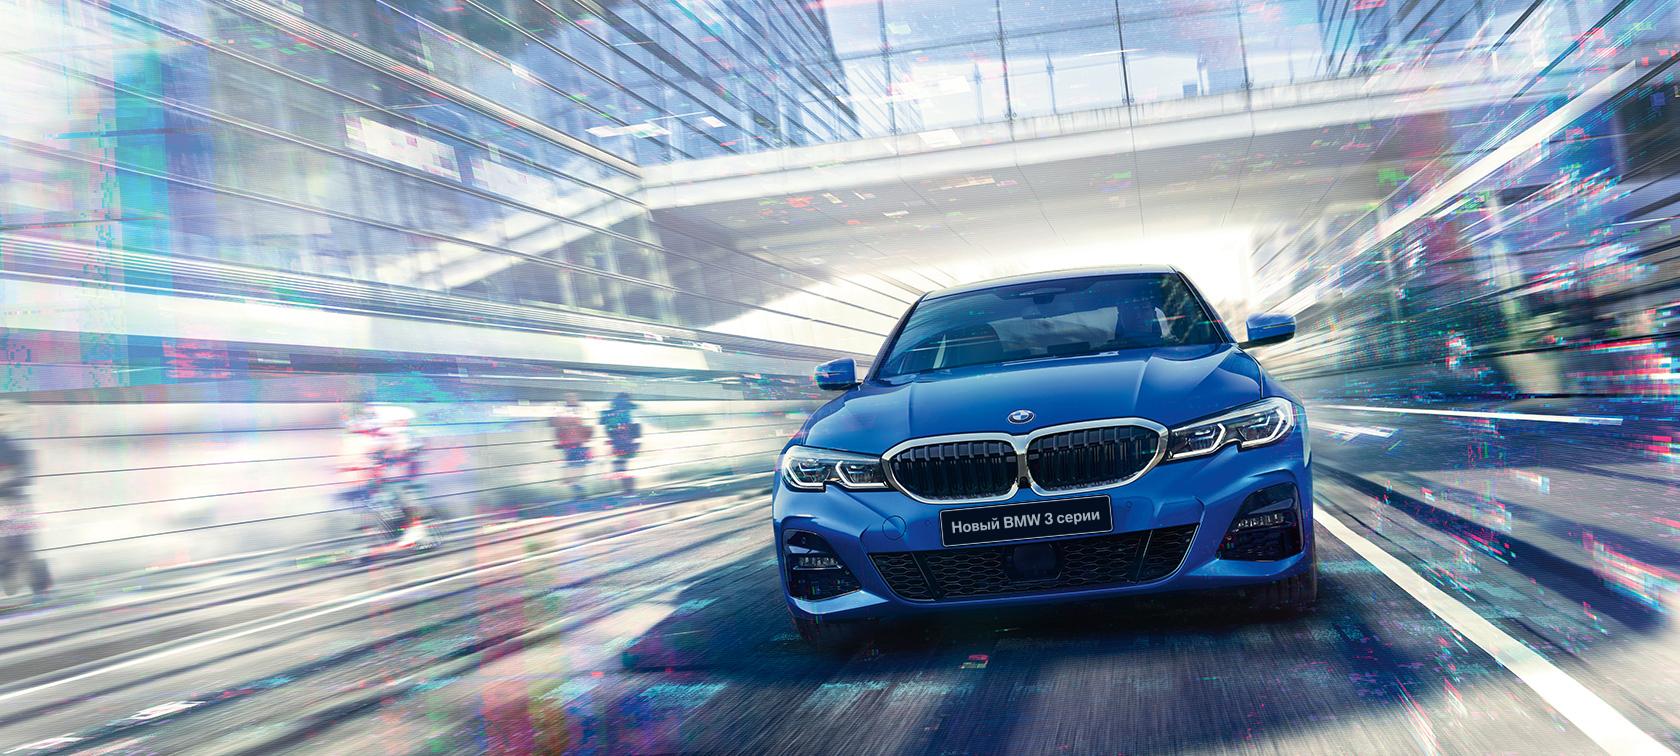 Вид спереди седана BMW 3 серии в движении в дневное время на фоне здания со стеклянным фасадом.